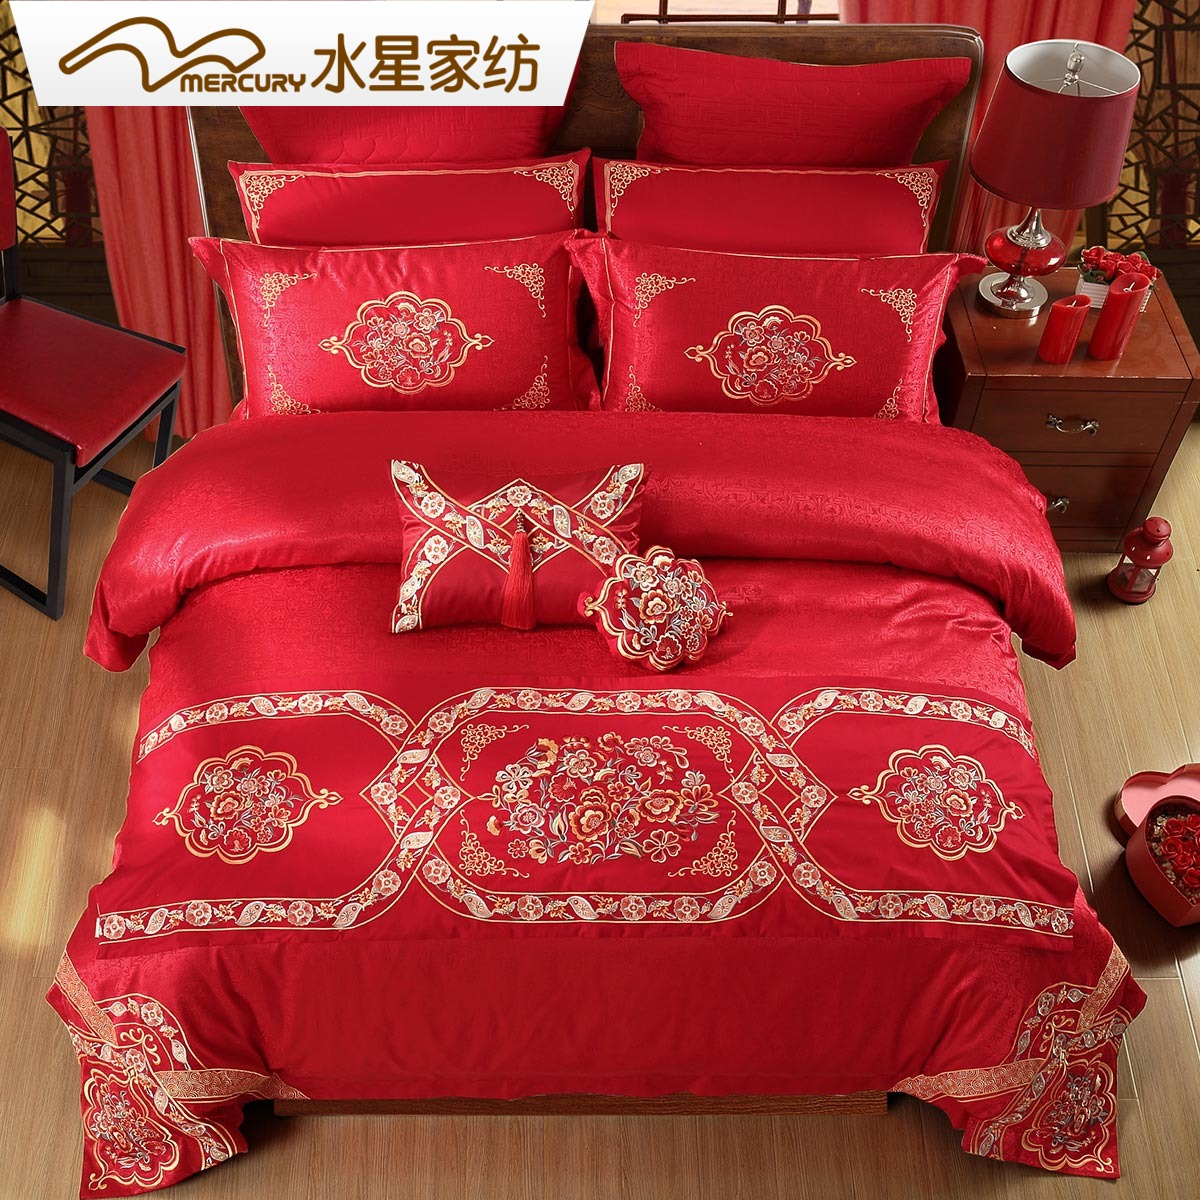 水星家纺婚庆九件套大红色结婚床上用品双人新婚床单被套缘来有喜